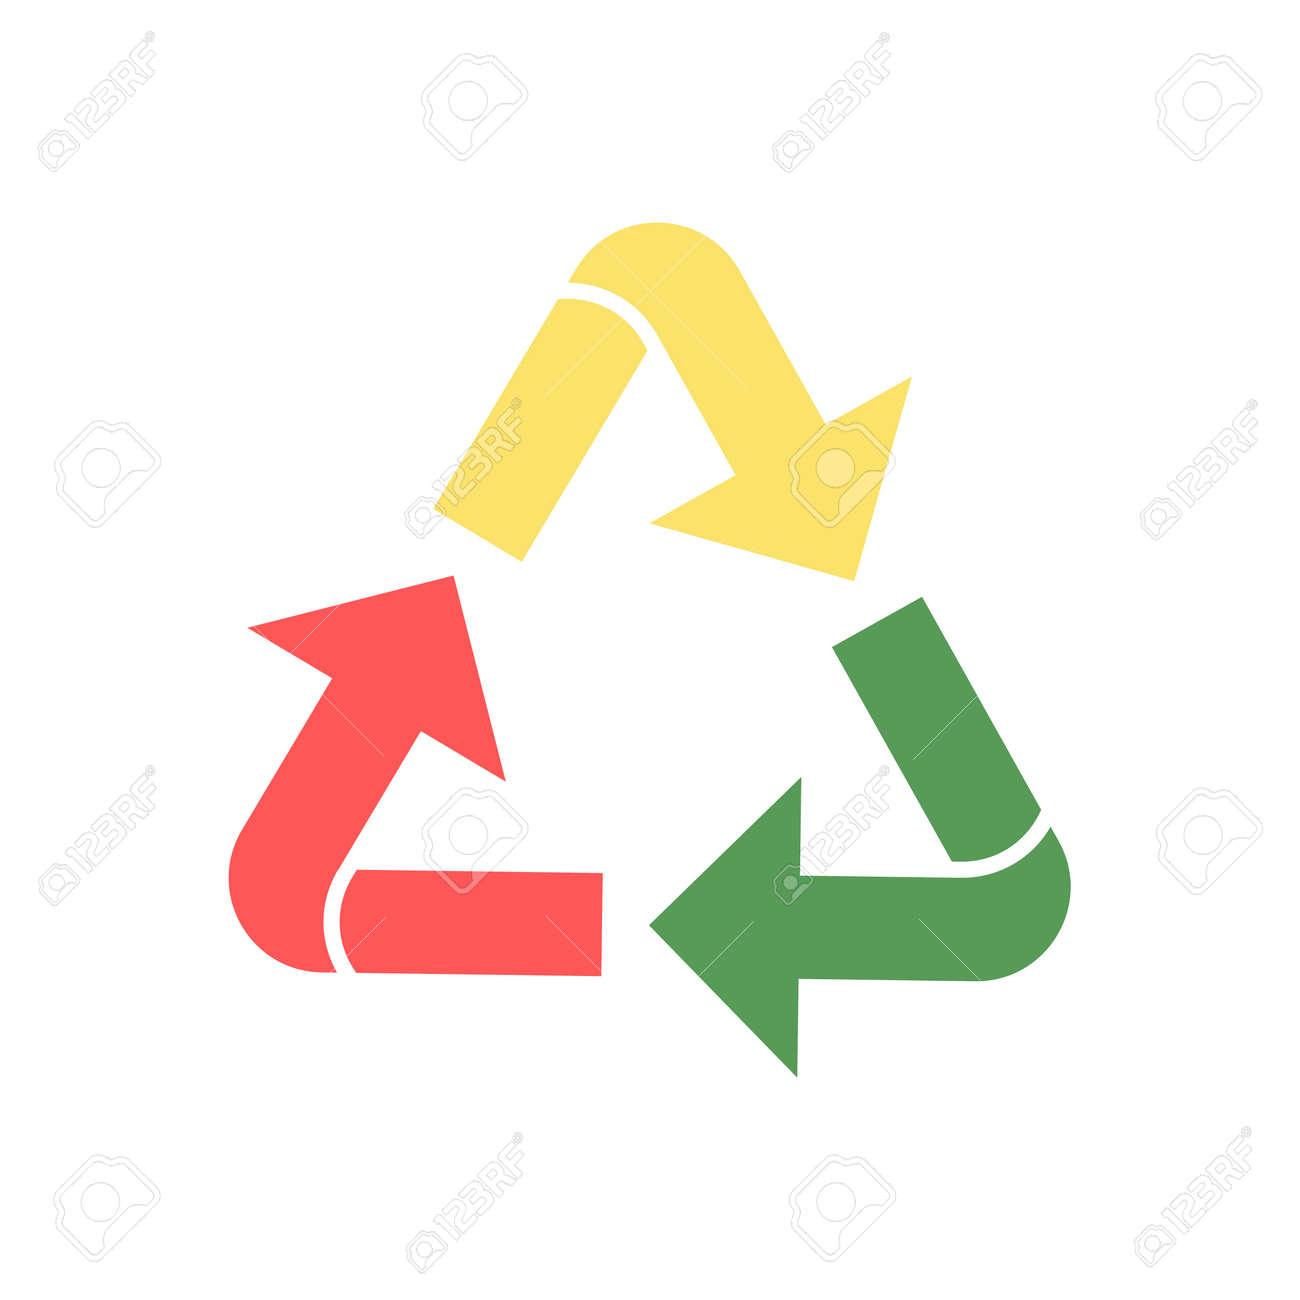 Icono De Reciclaje Coloreado. Reutilizar Ilustración De Símbolo ...